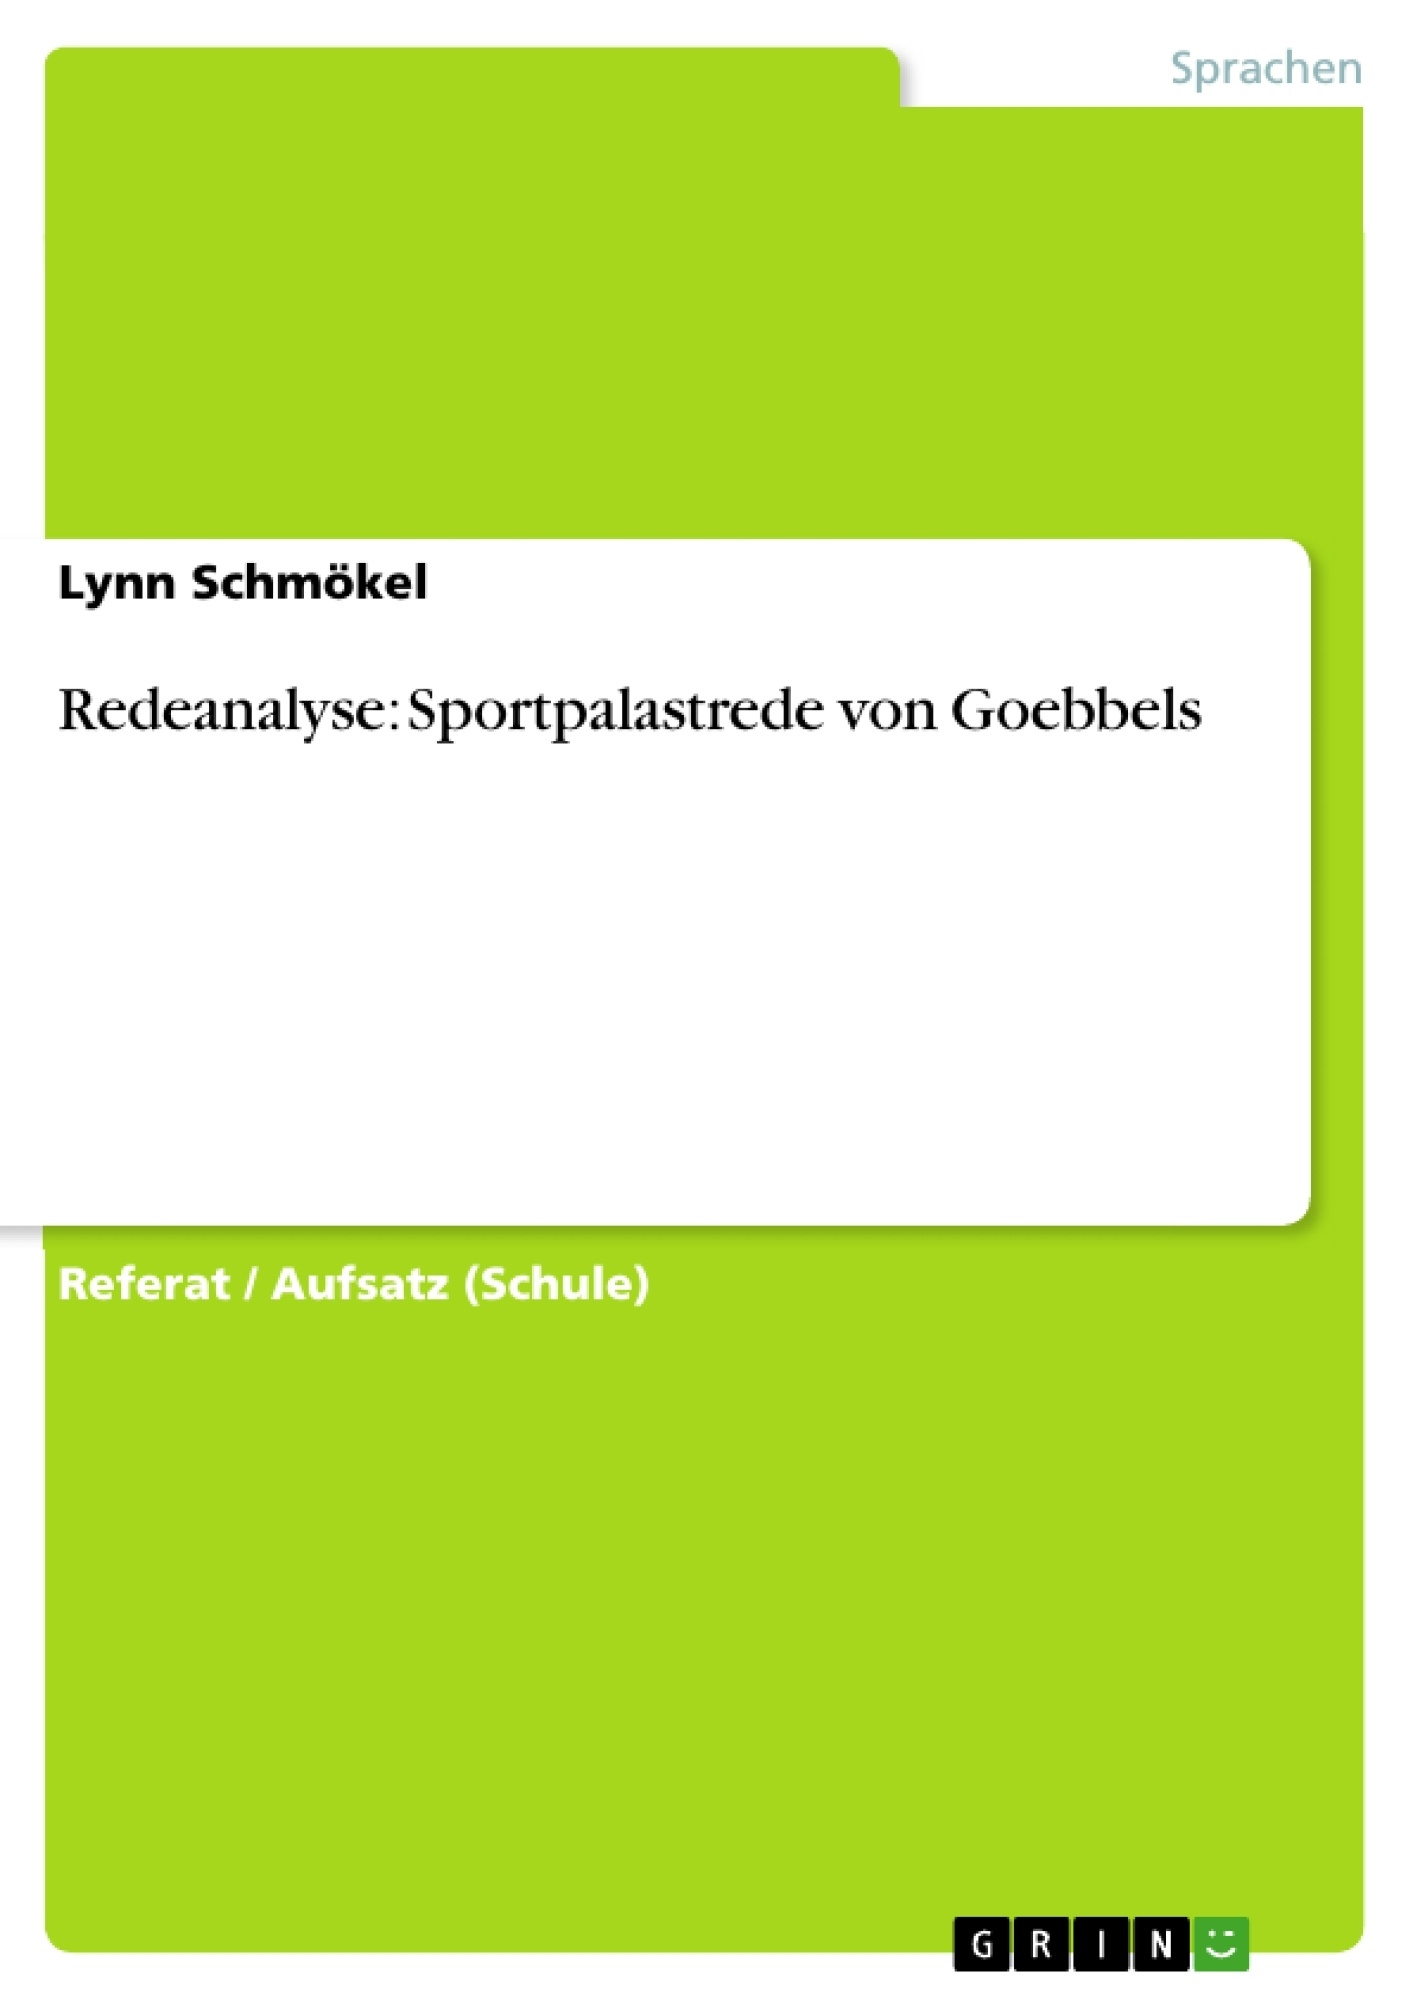 Titel: Redeanalyse: Sportpalastrede von Goebbels